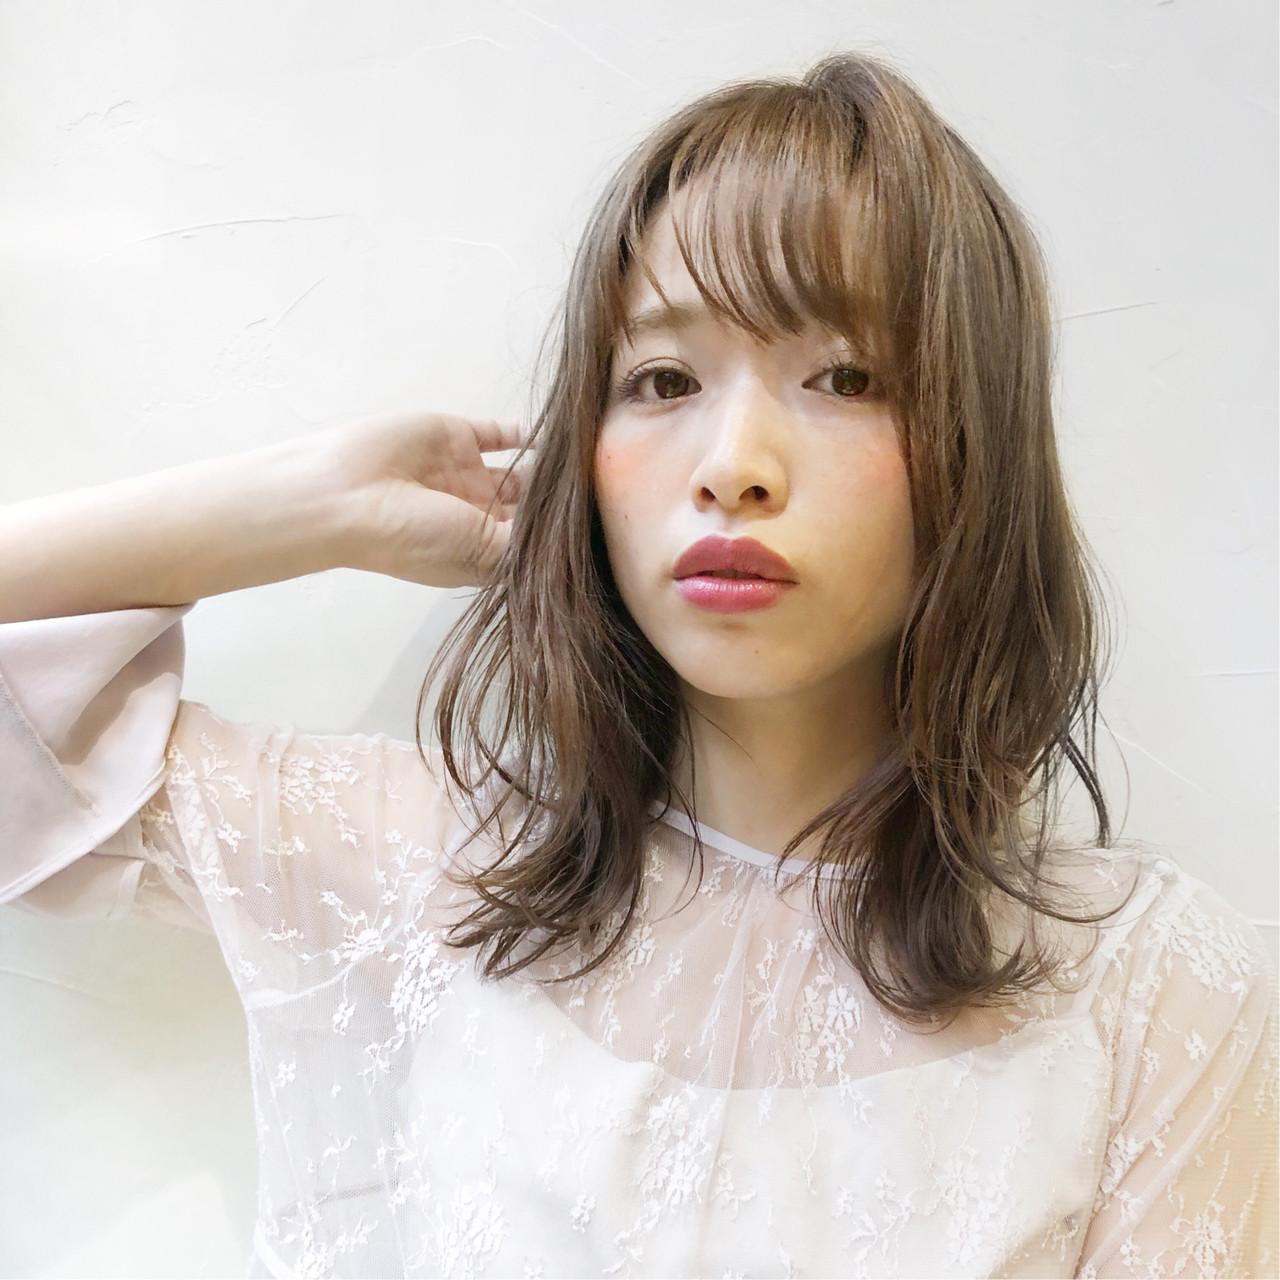 簡単ヘアアレンジ パーマ アンニュイほつれヘア ナチュラル ヘアスタイルや髪型の写真・画像